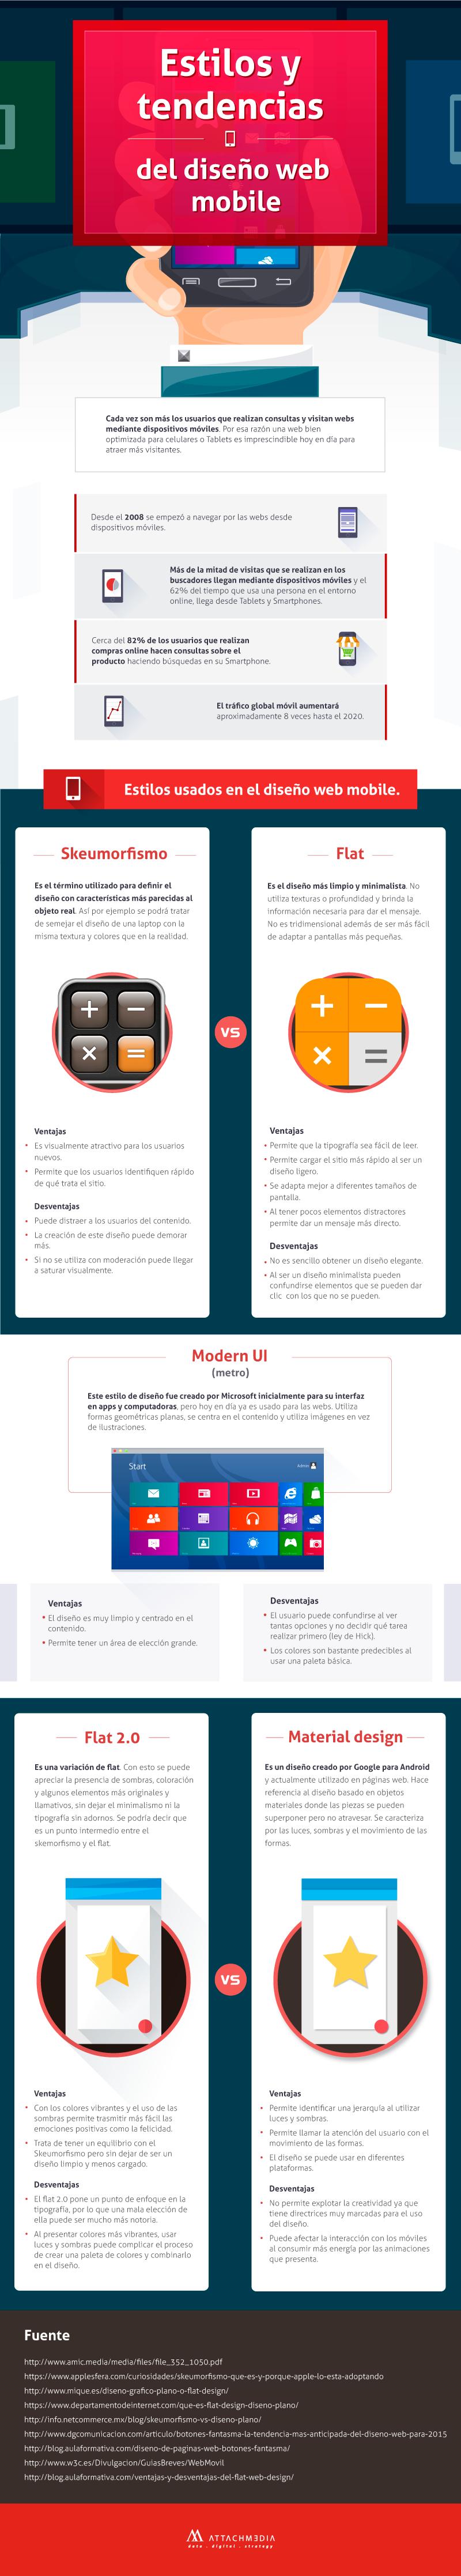 estilo-y-tendencias-del-diseño-web-mobile